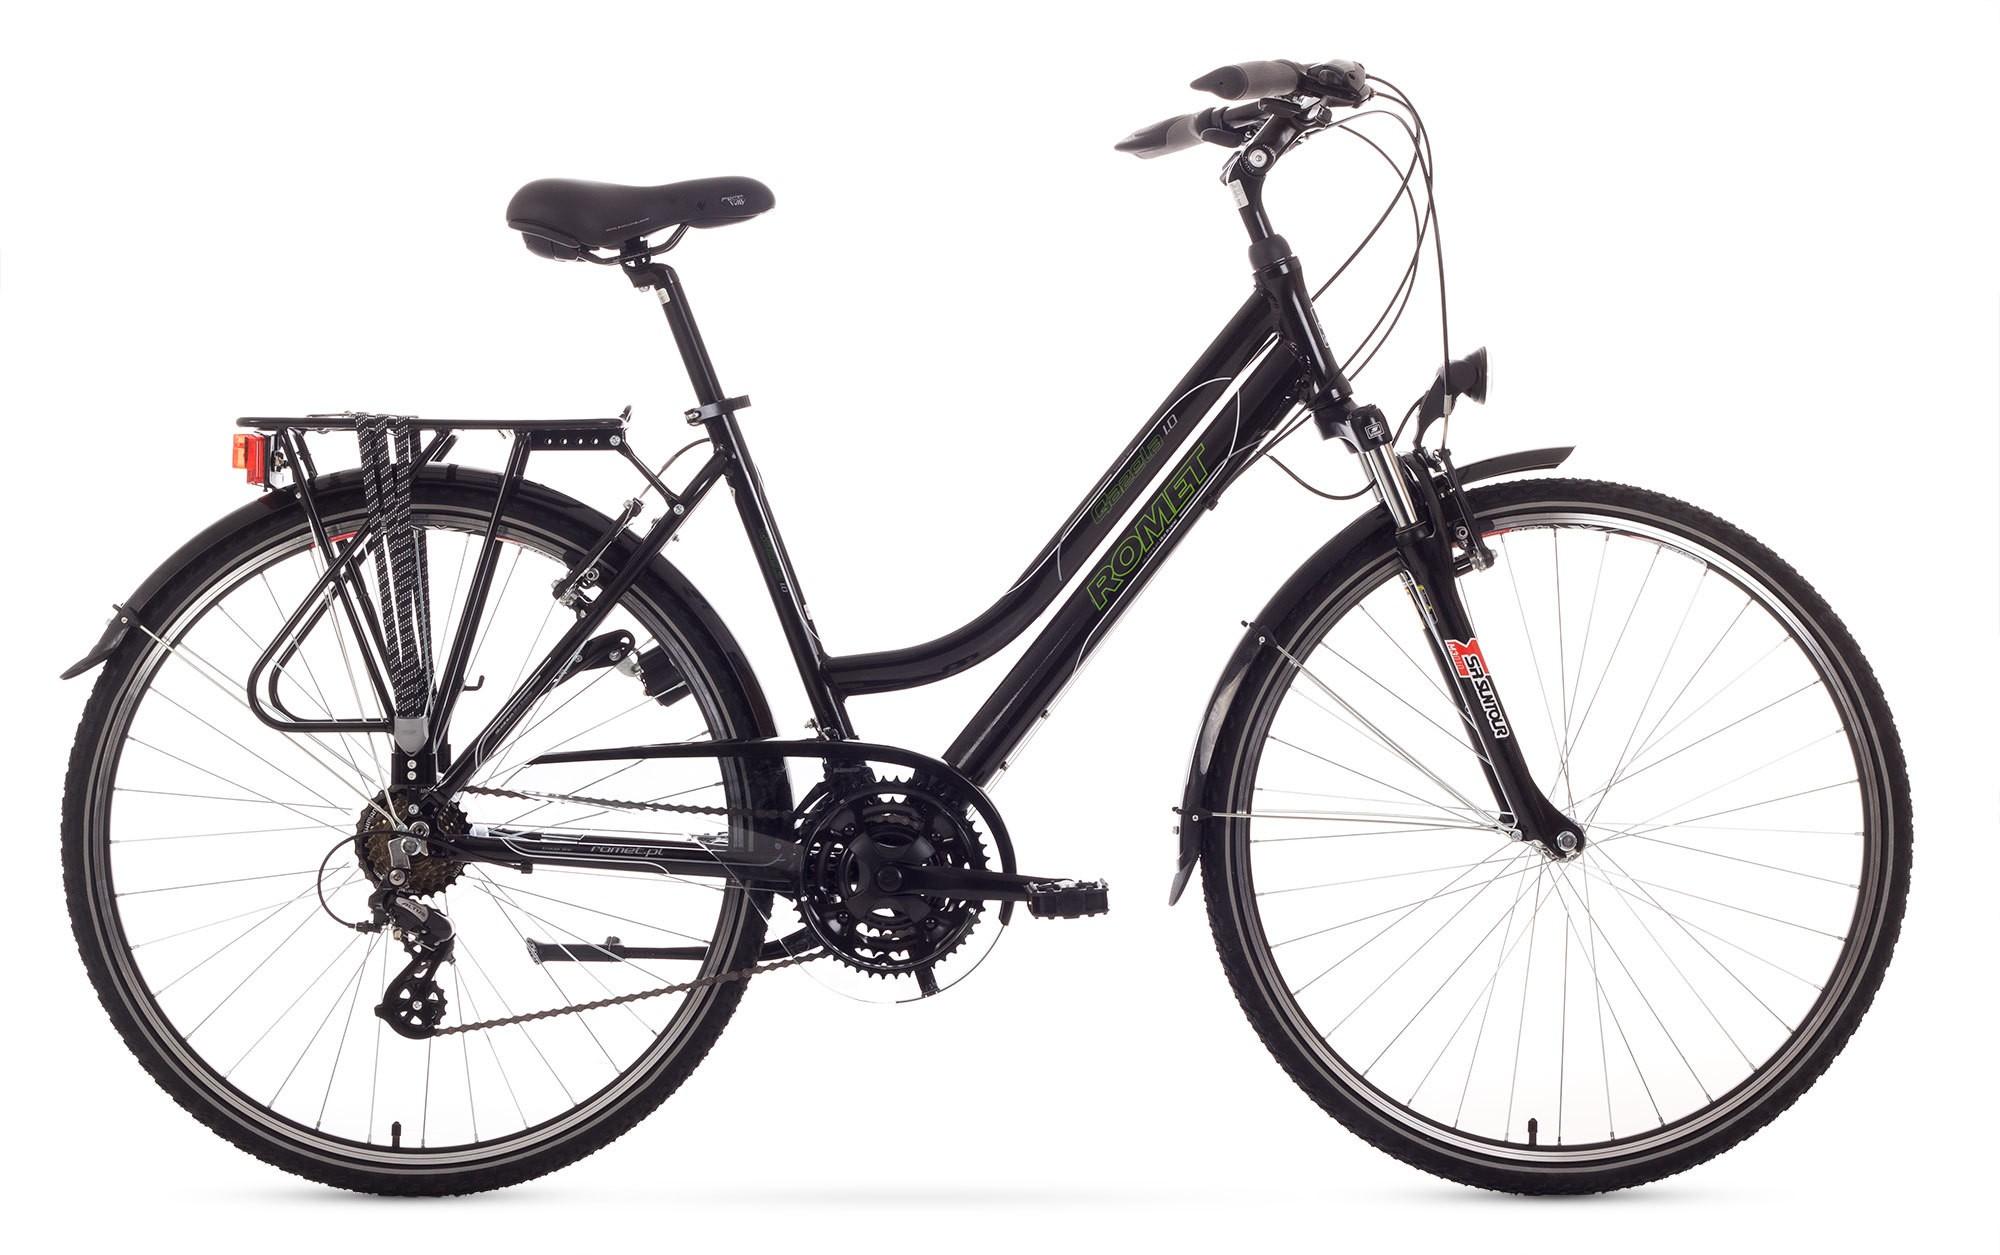 Bicicleta Trekking Romet Gazela 1.0 - negru